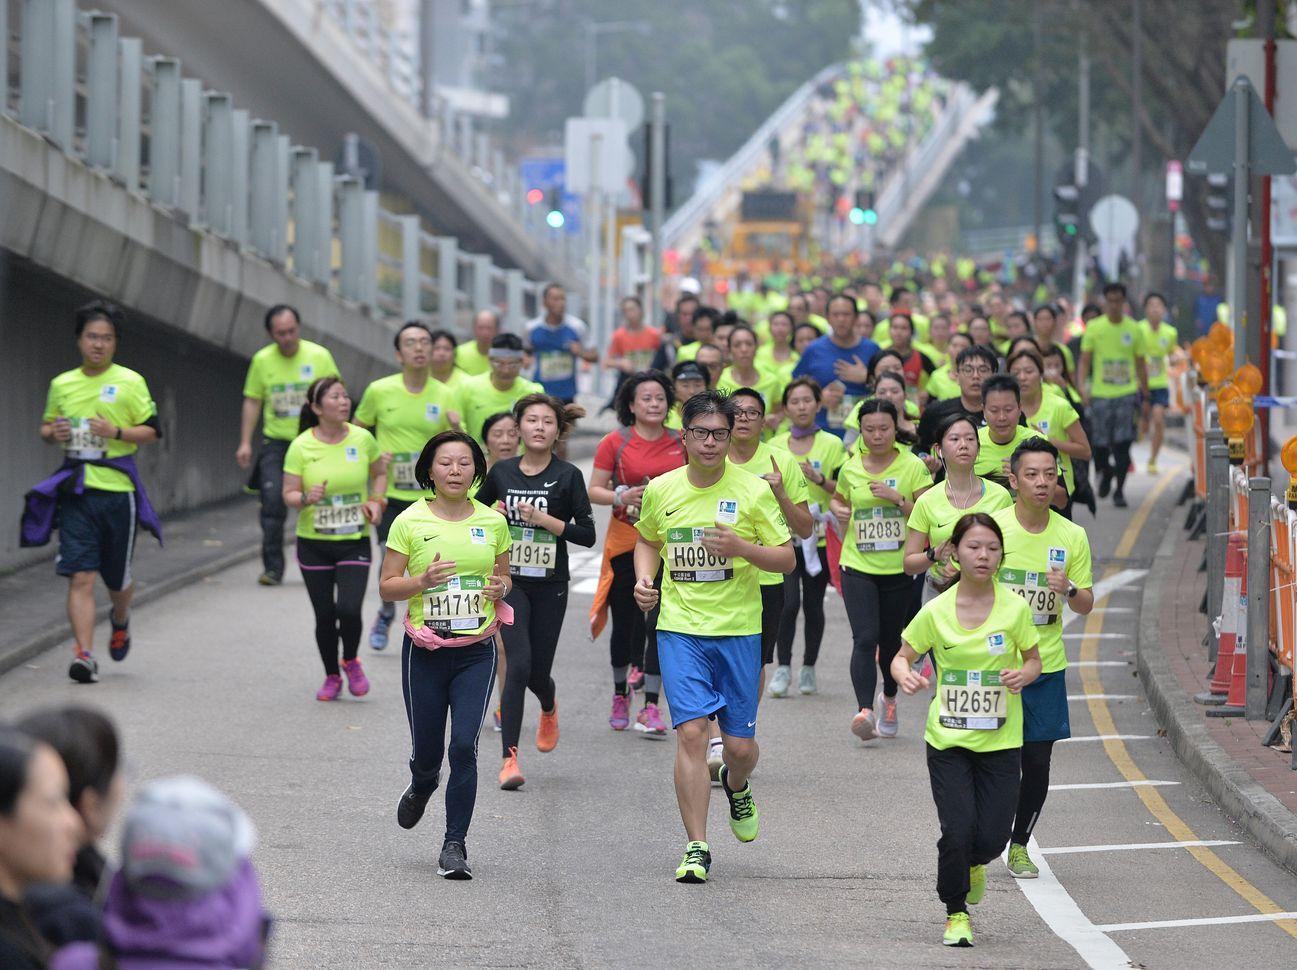 渣打香港馬拉松將於周日舉行。資料圖片